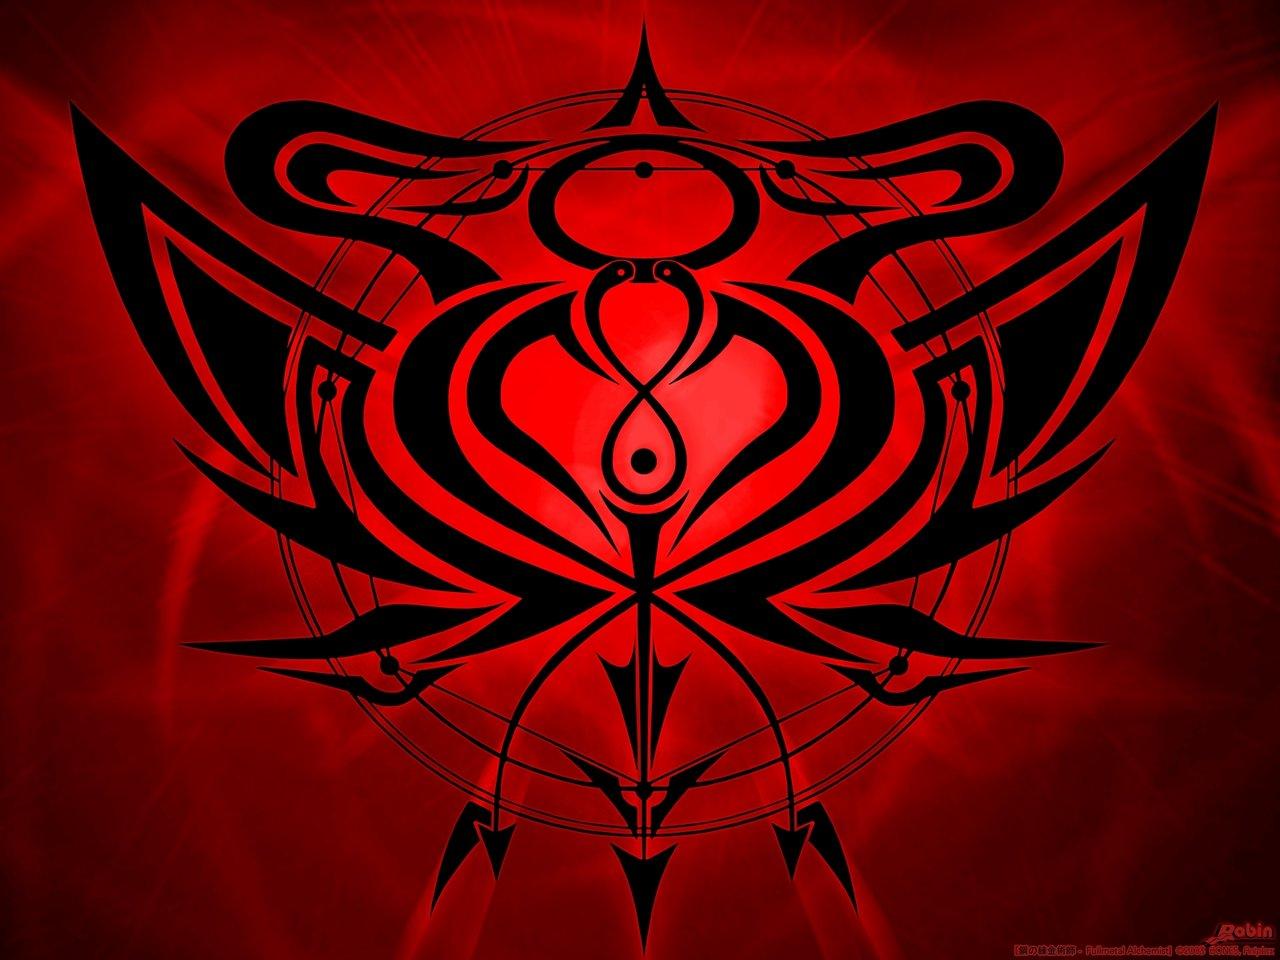 http://3.bp.blogspot.com/-gECO8vb7Las/T3cT9FQMfvI/AAAAAAAABgc/IlT1ZEa7JPI/s1600/simbolo-fma-big%255B1%255D.jpg